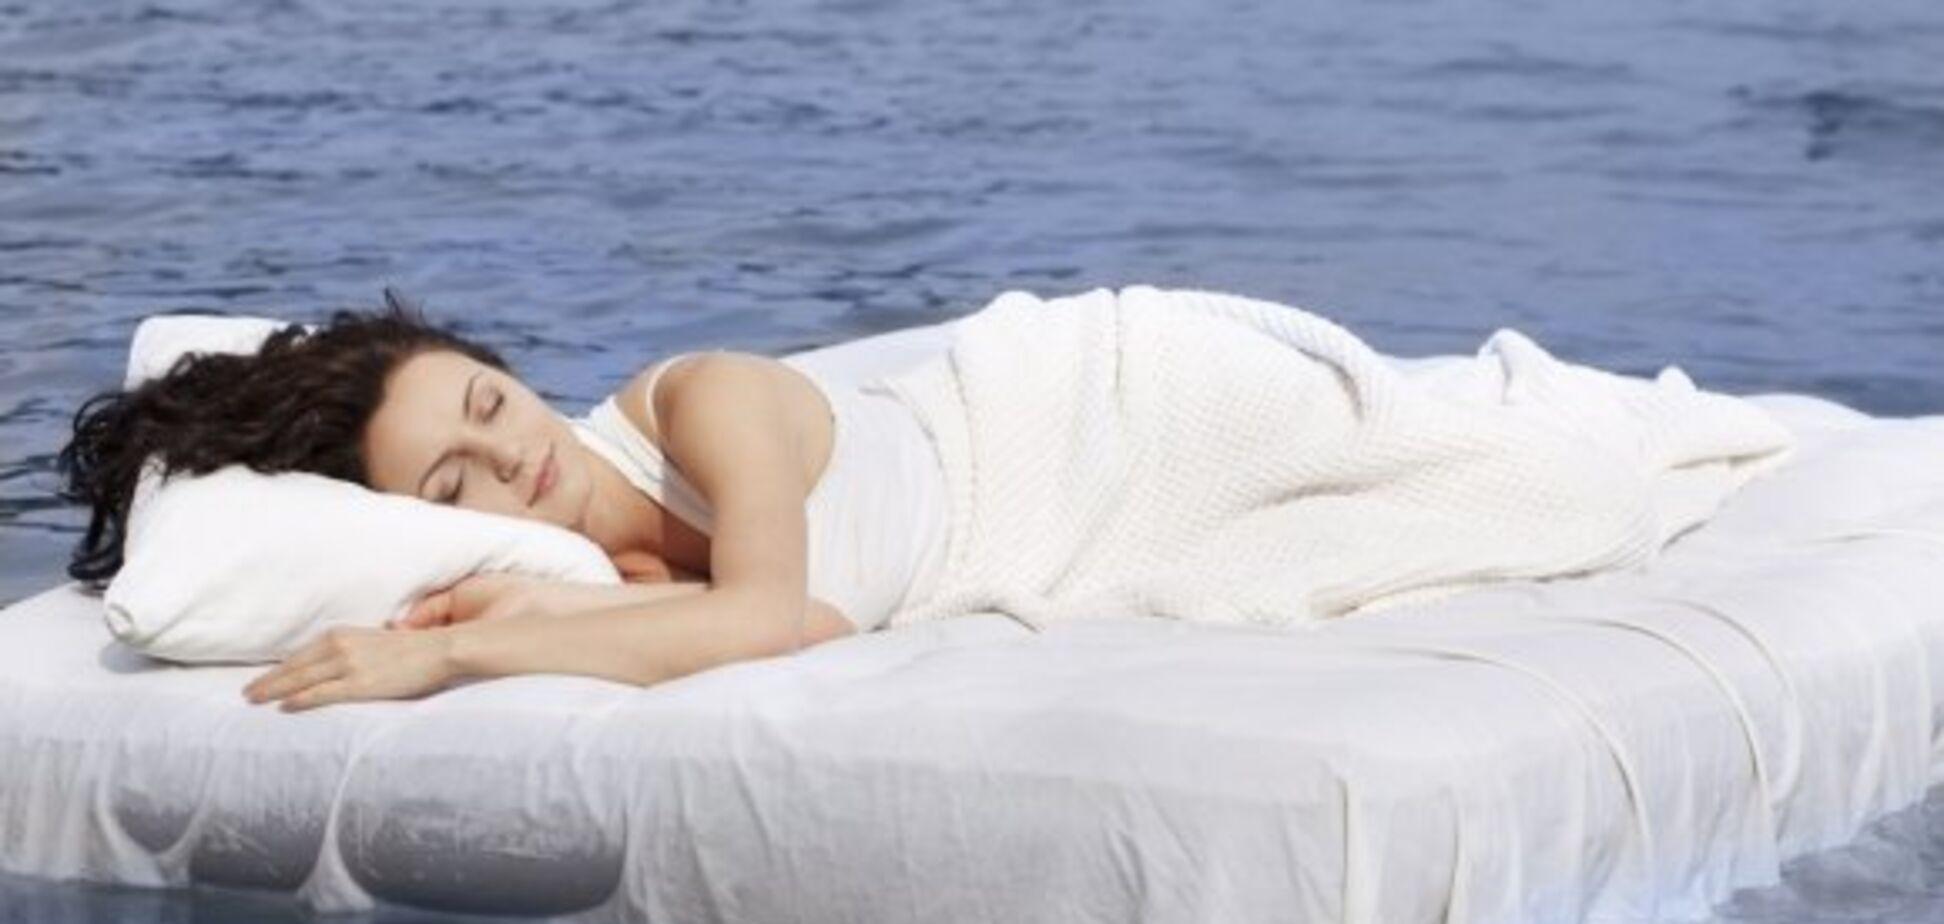 Сон и мифы: сколько нужно спать и стоит ли верить сонникам